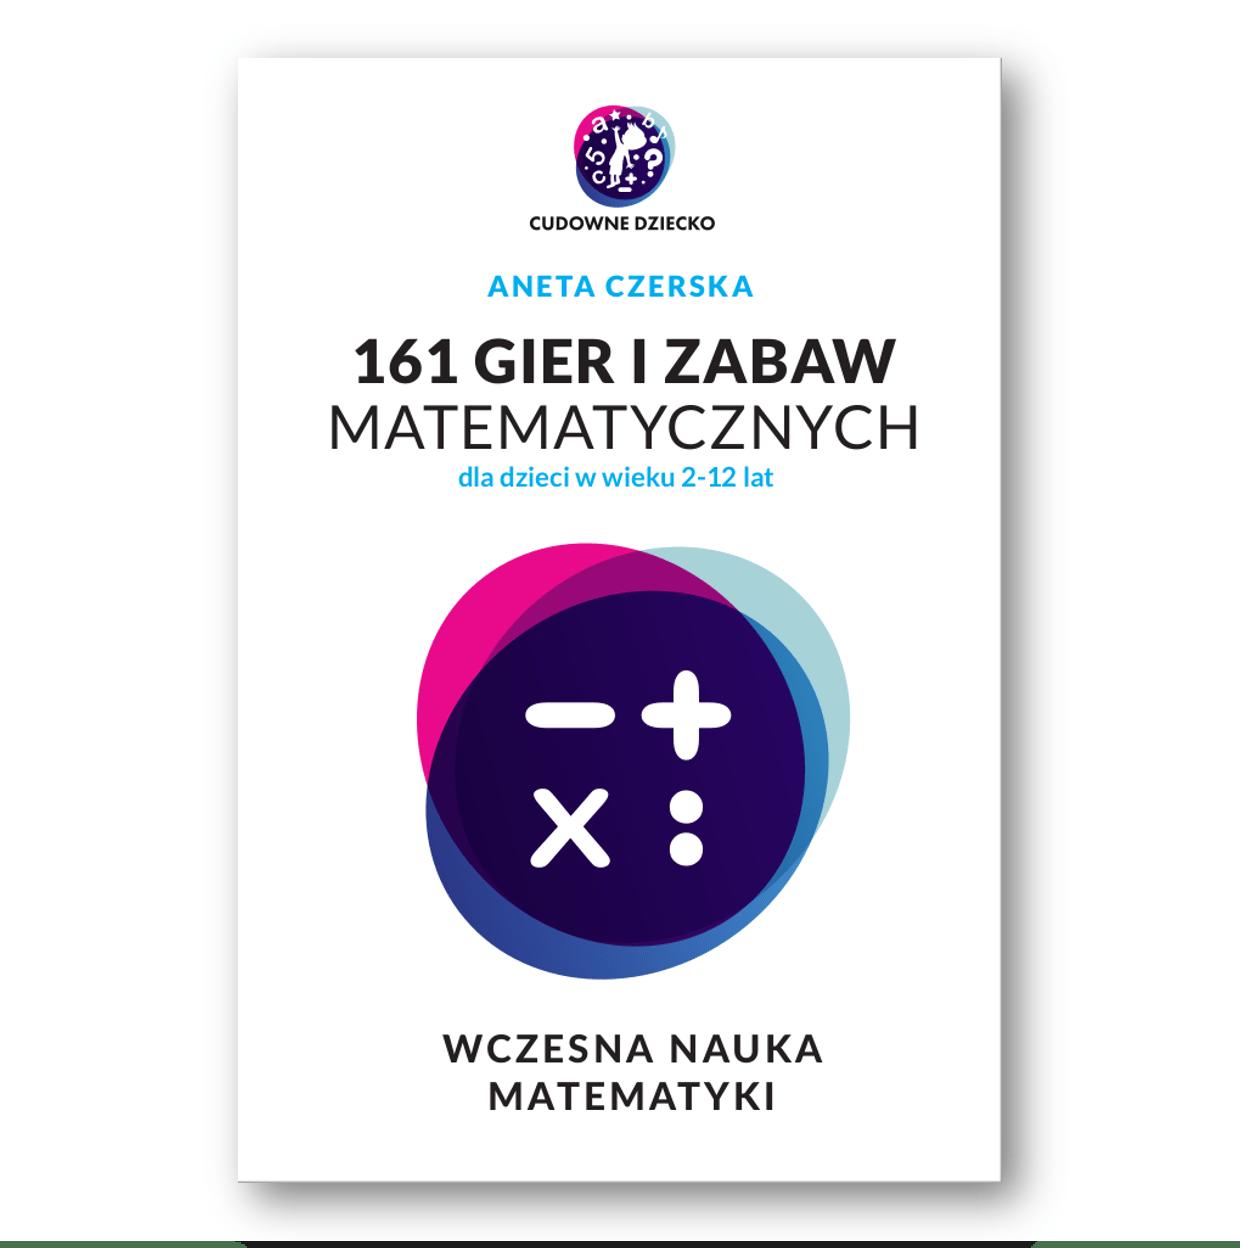 161 gier izabaw matematycznych dla dzieci 2-12 lat